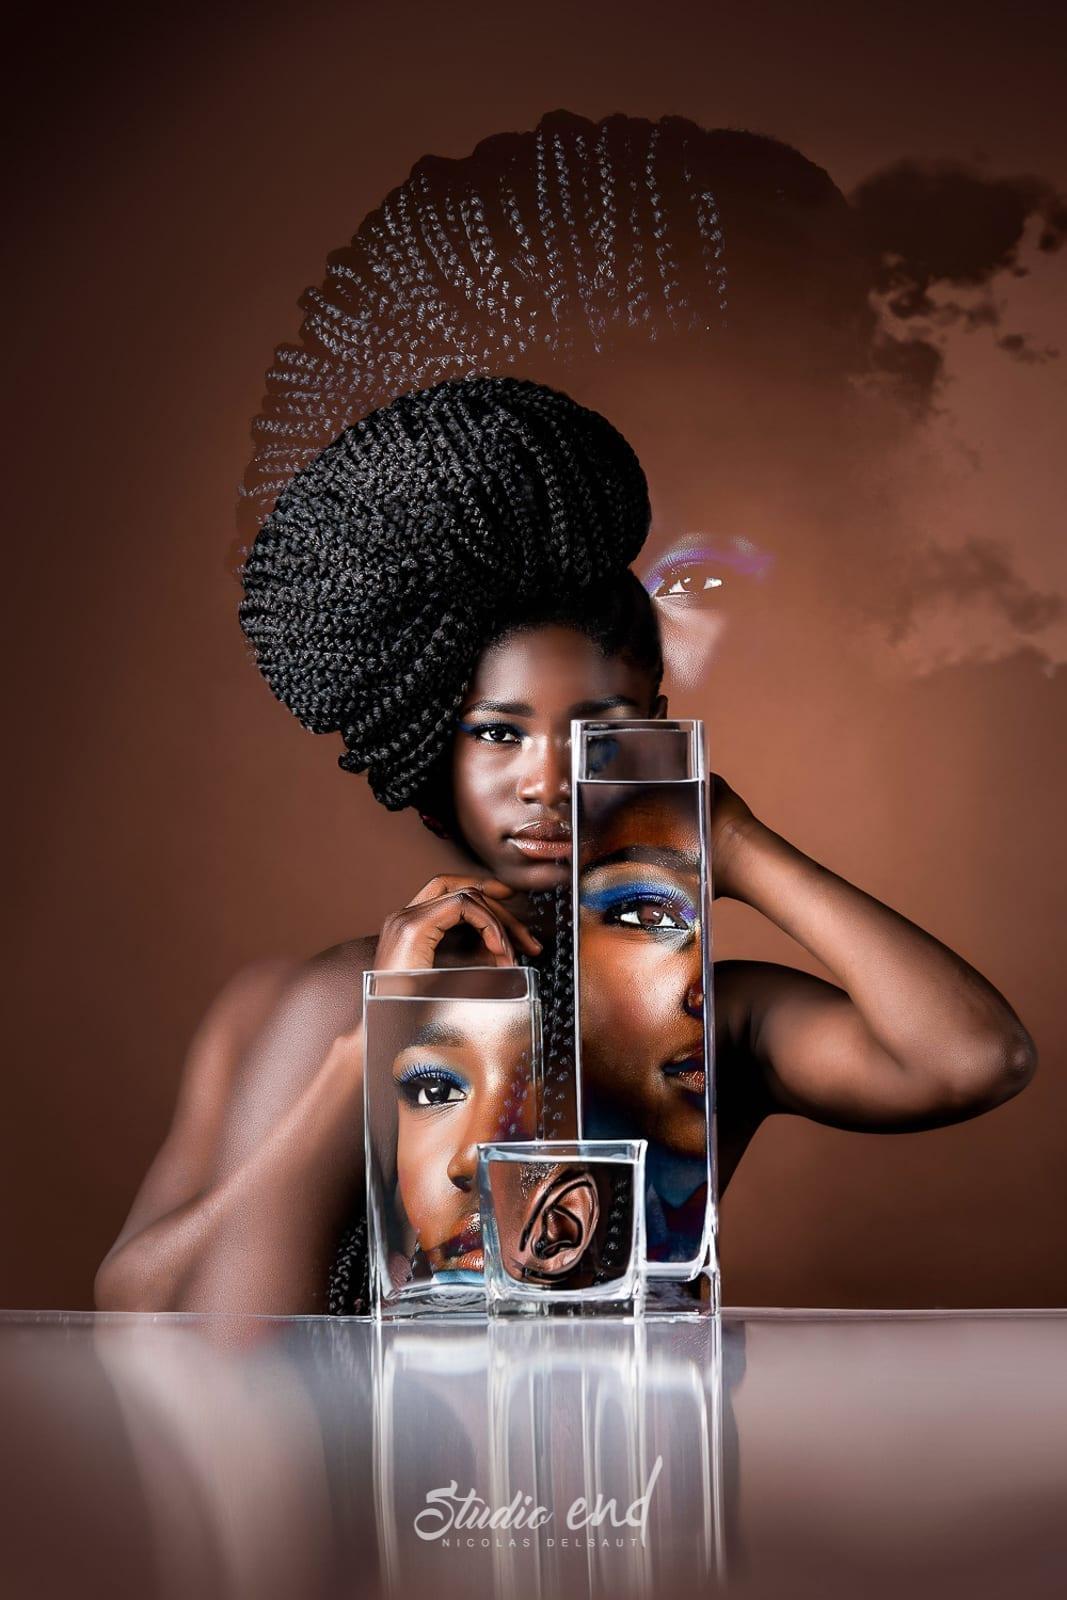 Projet artistique Afrikin, Emeline Delsaut, exposé aux Etats Unis become